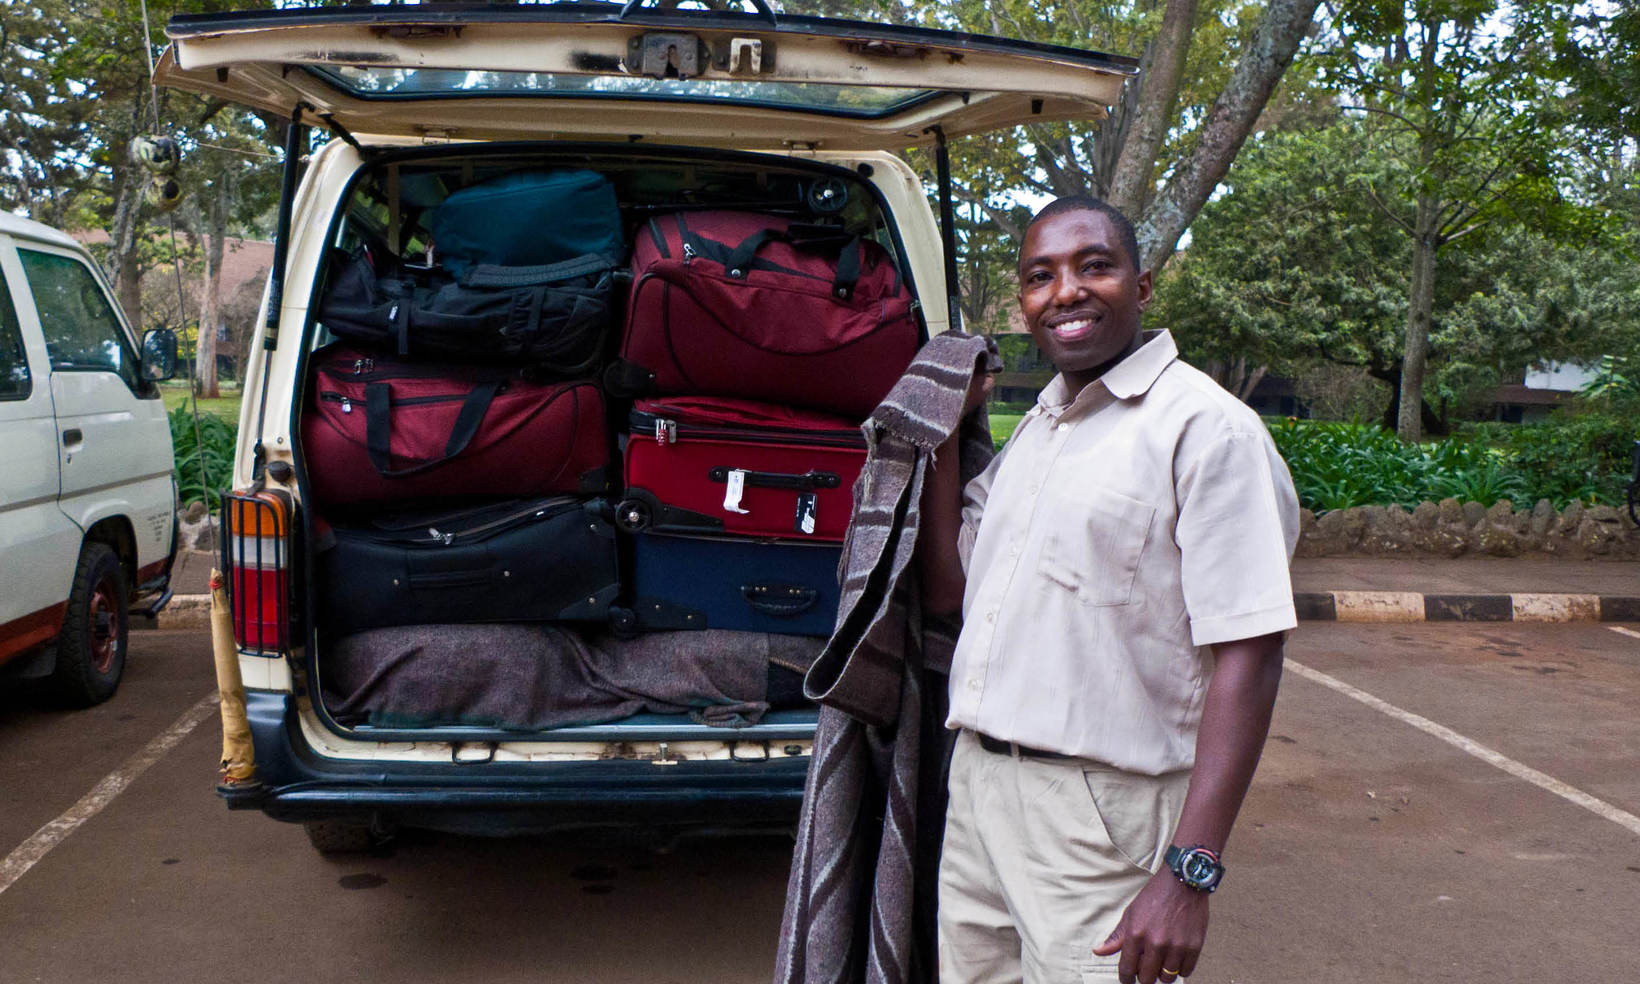 Men's Packing List